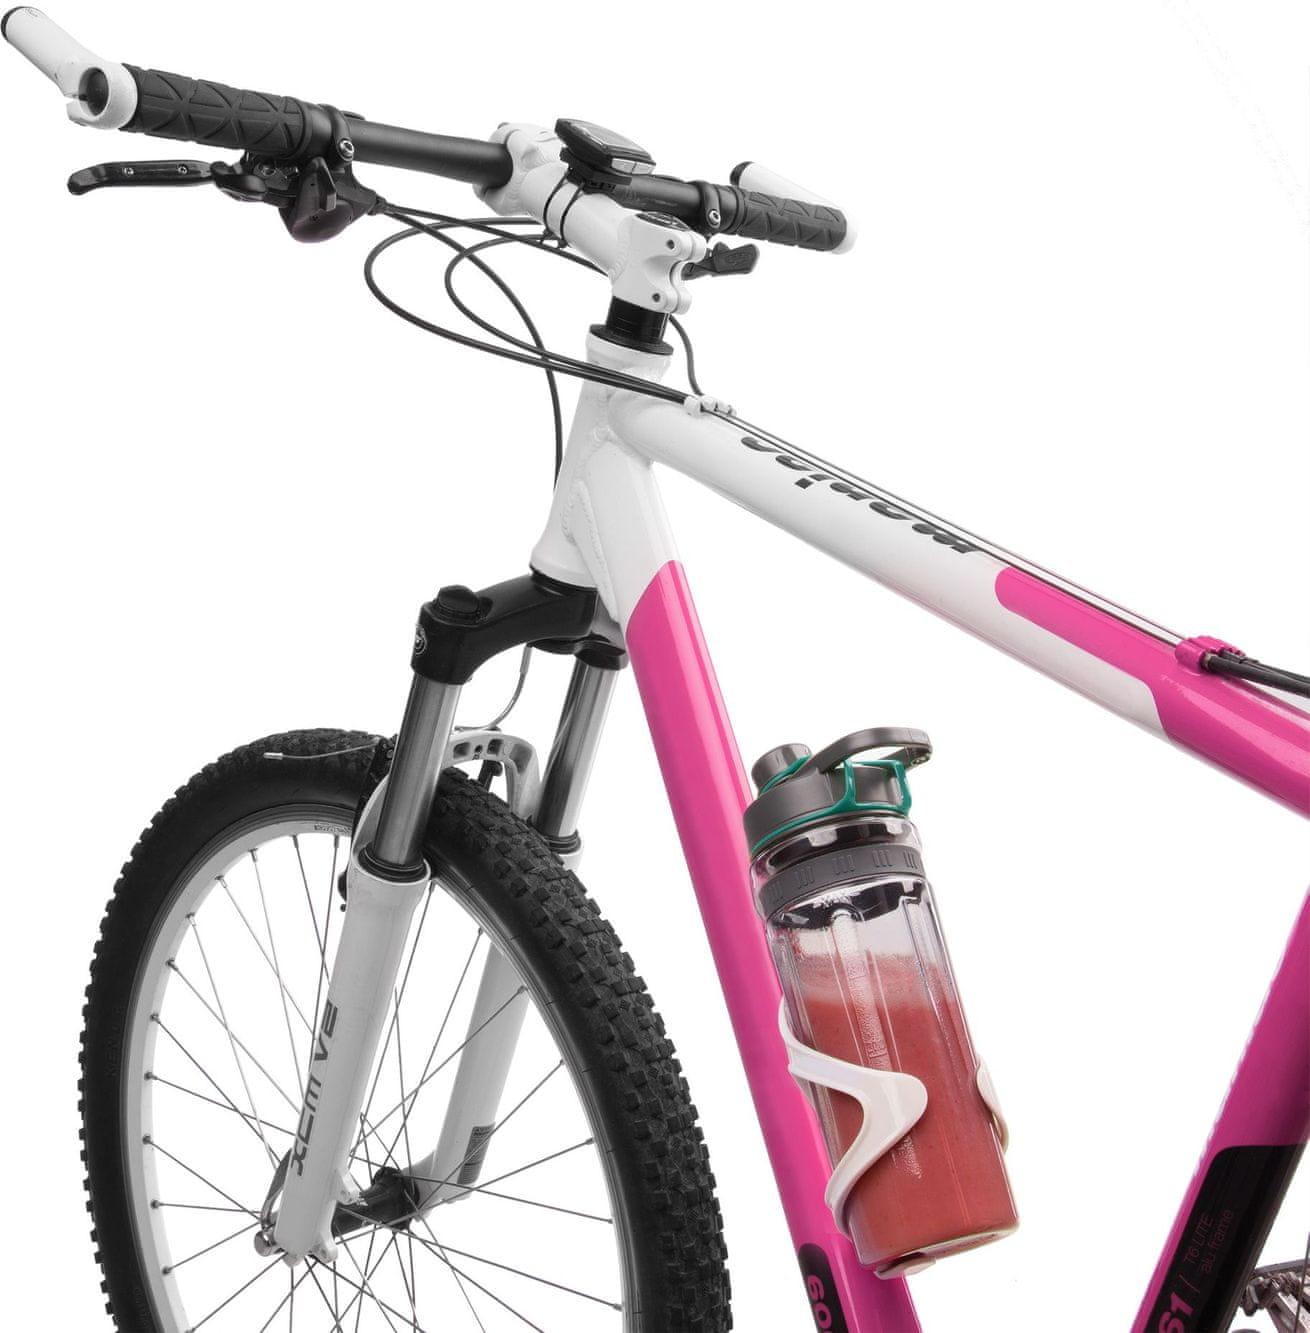 Sencor SBL 7171GR uchwyt na rowerze